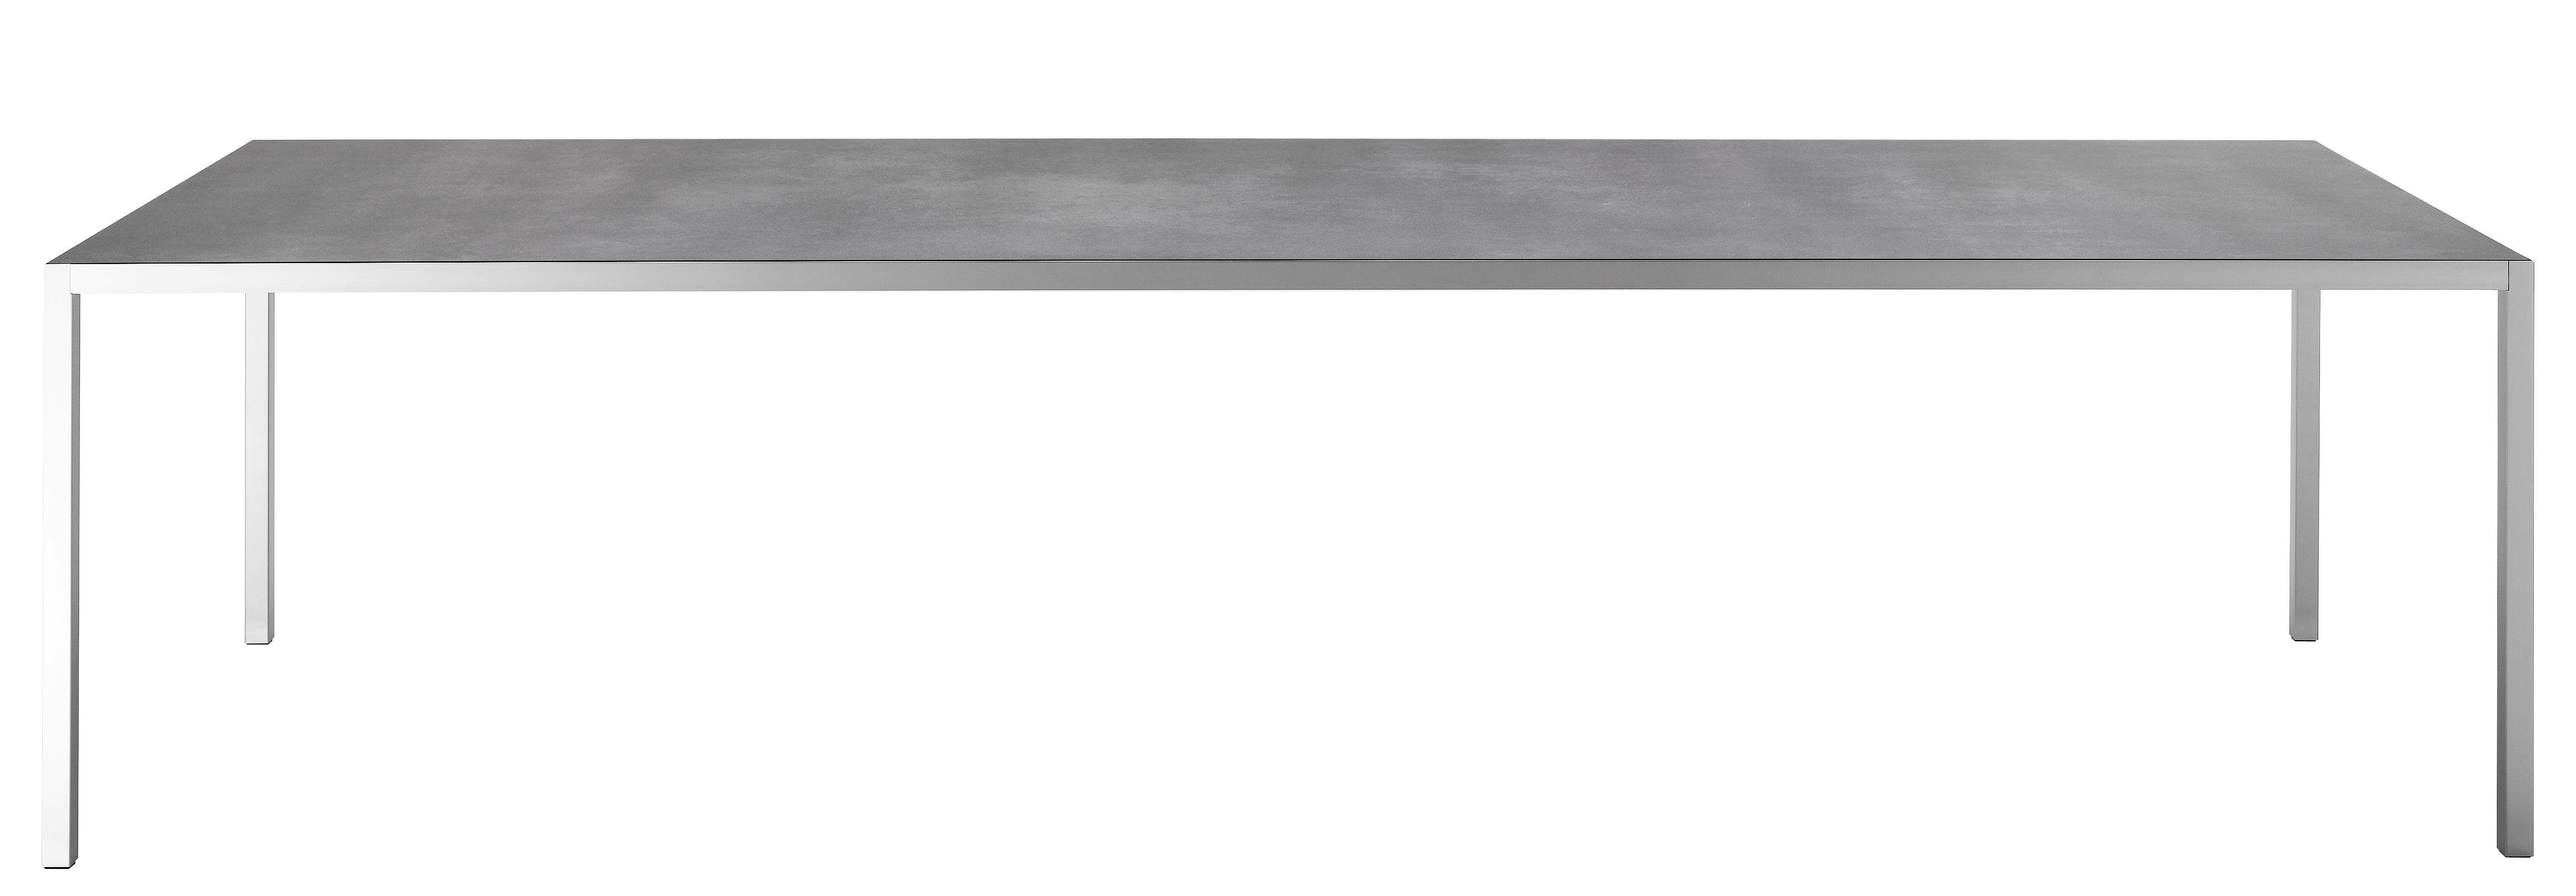 table lim 3 0 c ramique 220 x 100 cm c ramique gris structure alu anodis mdf italia. Black Bedroom Furniture Sets. Home Design Ideas